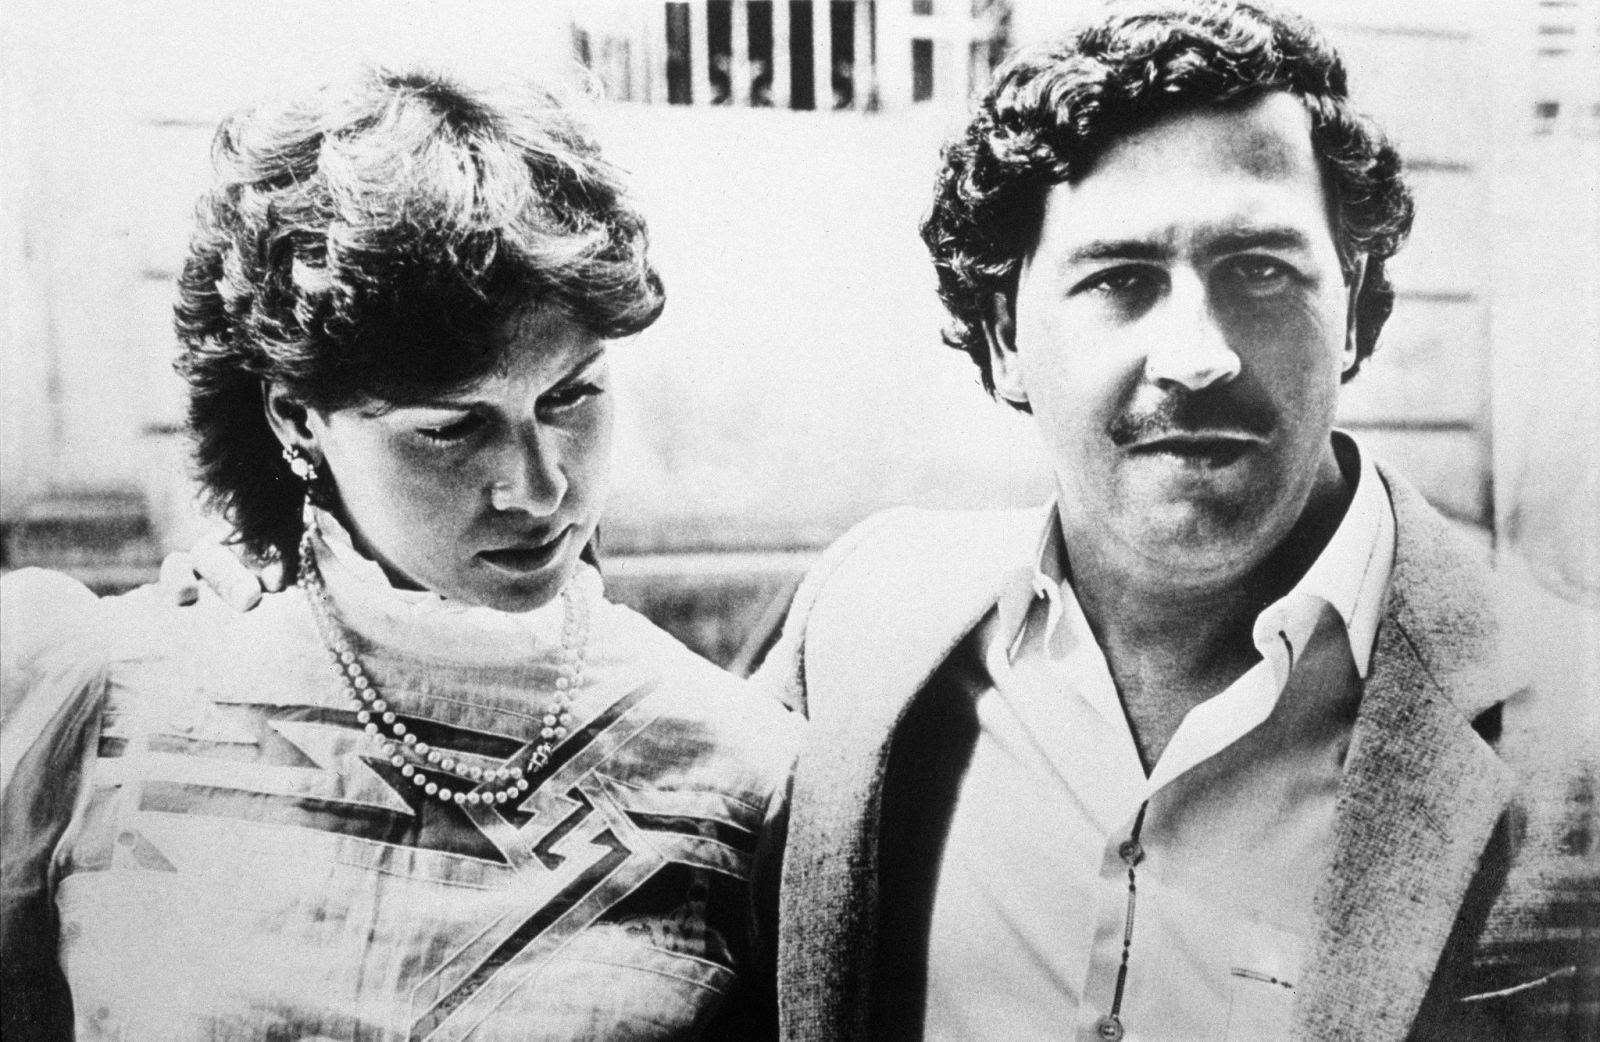 مستند Killing Escobar در مورد گروهی نیروی اجیر شده کارآزموده انگلیسی است که قرار بود پابلو اسکوبار را ترور کنند.